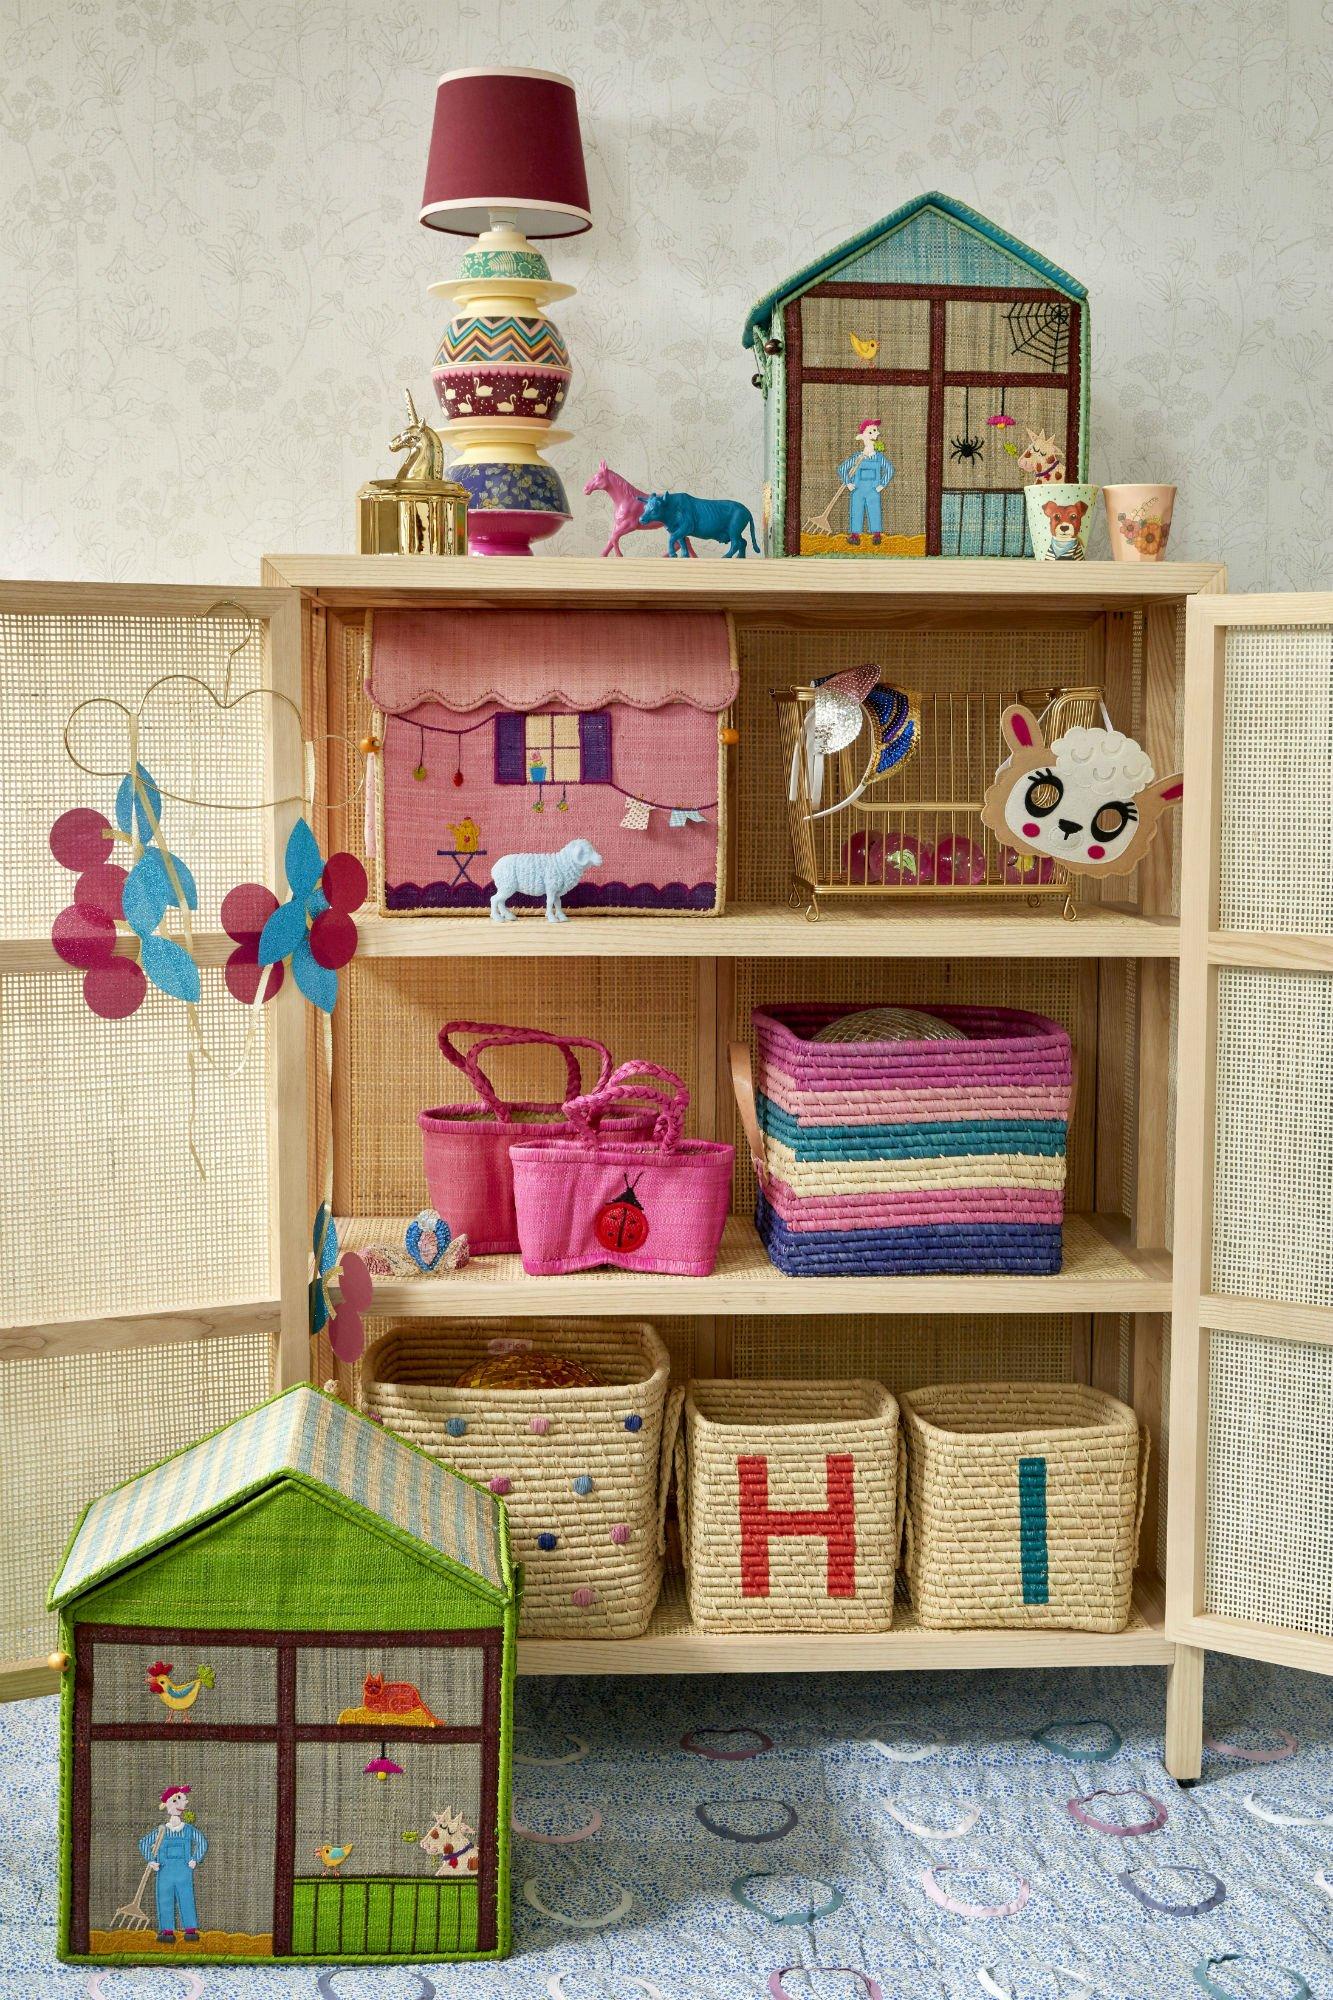 Full Size of Kinderzimmer Aufbewahrungsbox Aufbewahrungsregal Ikea Aufbewahrungskorb Grau Aufbewahrung Spielzeug Ideen Regal Rice Fr Das Skandeko Bett Mit Betten Sofa Kinderzimmer Kinderzimmer Aufbewahrung